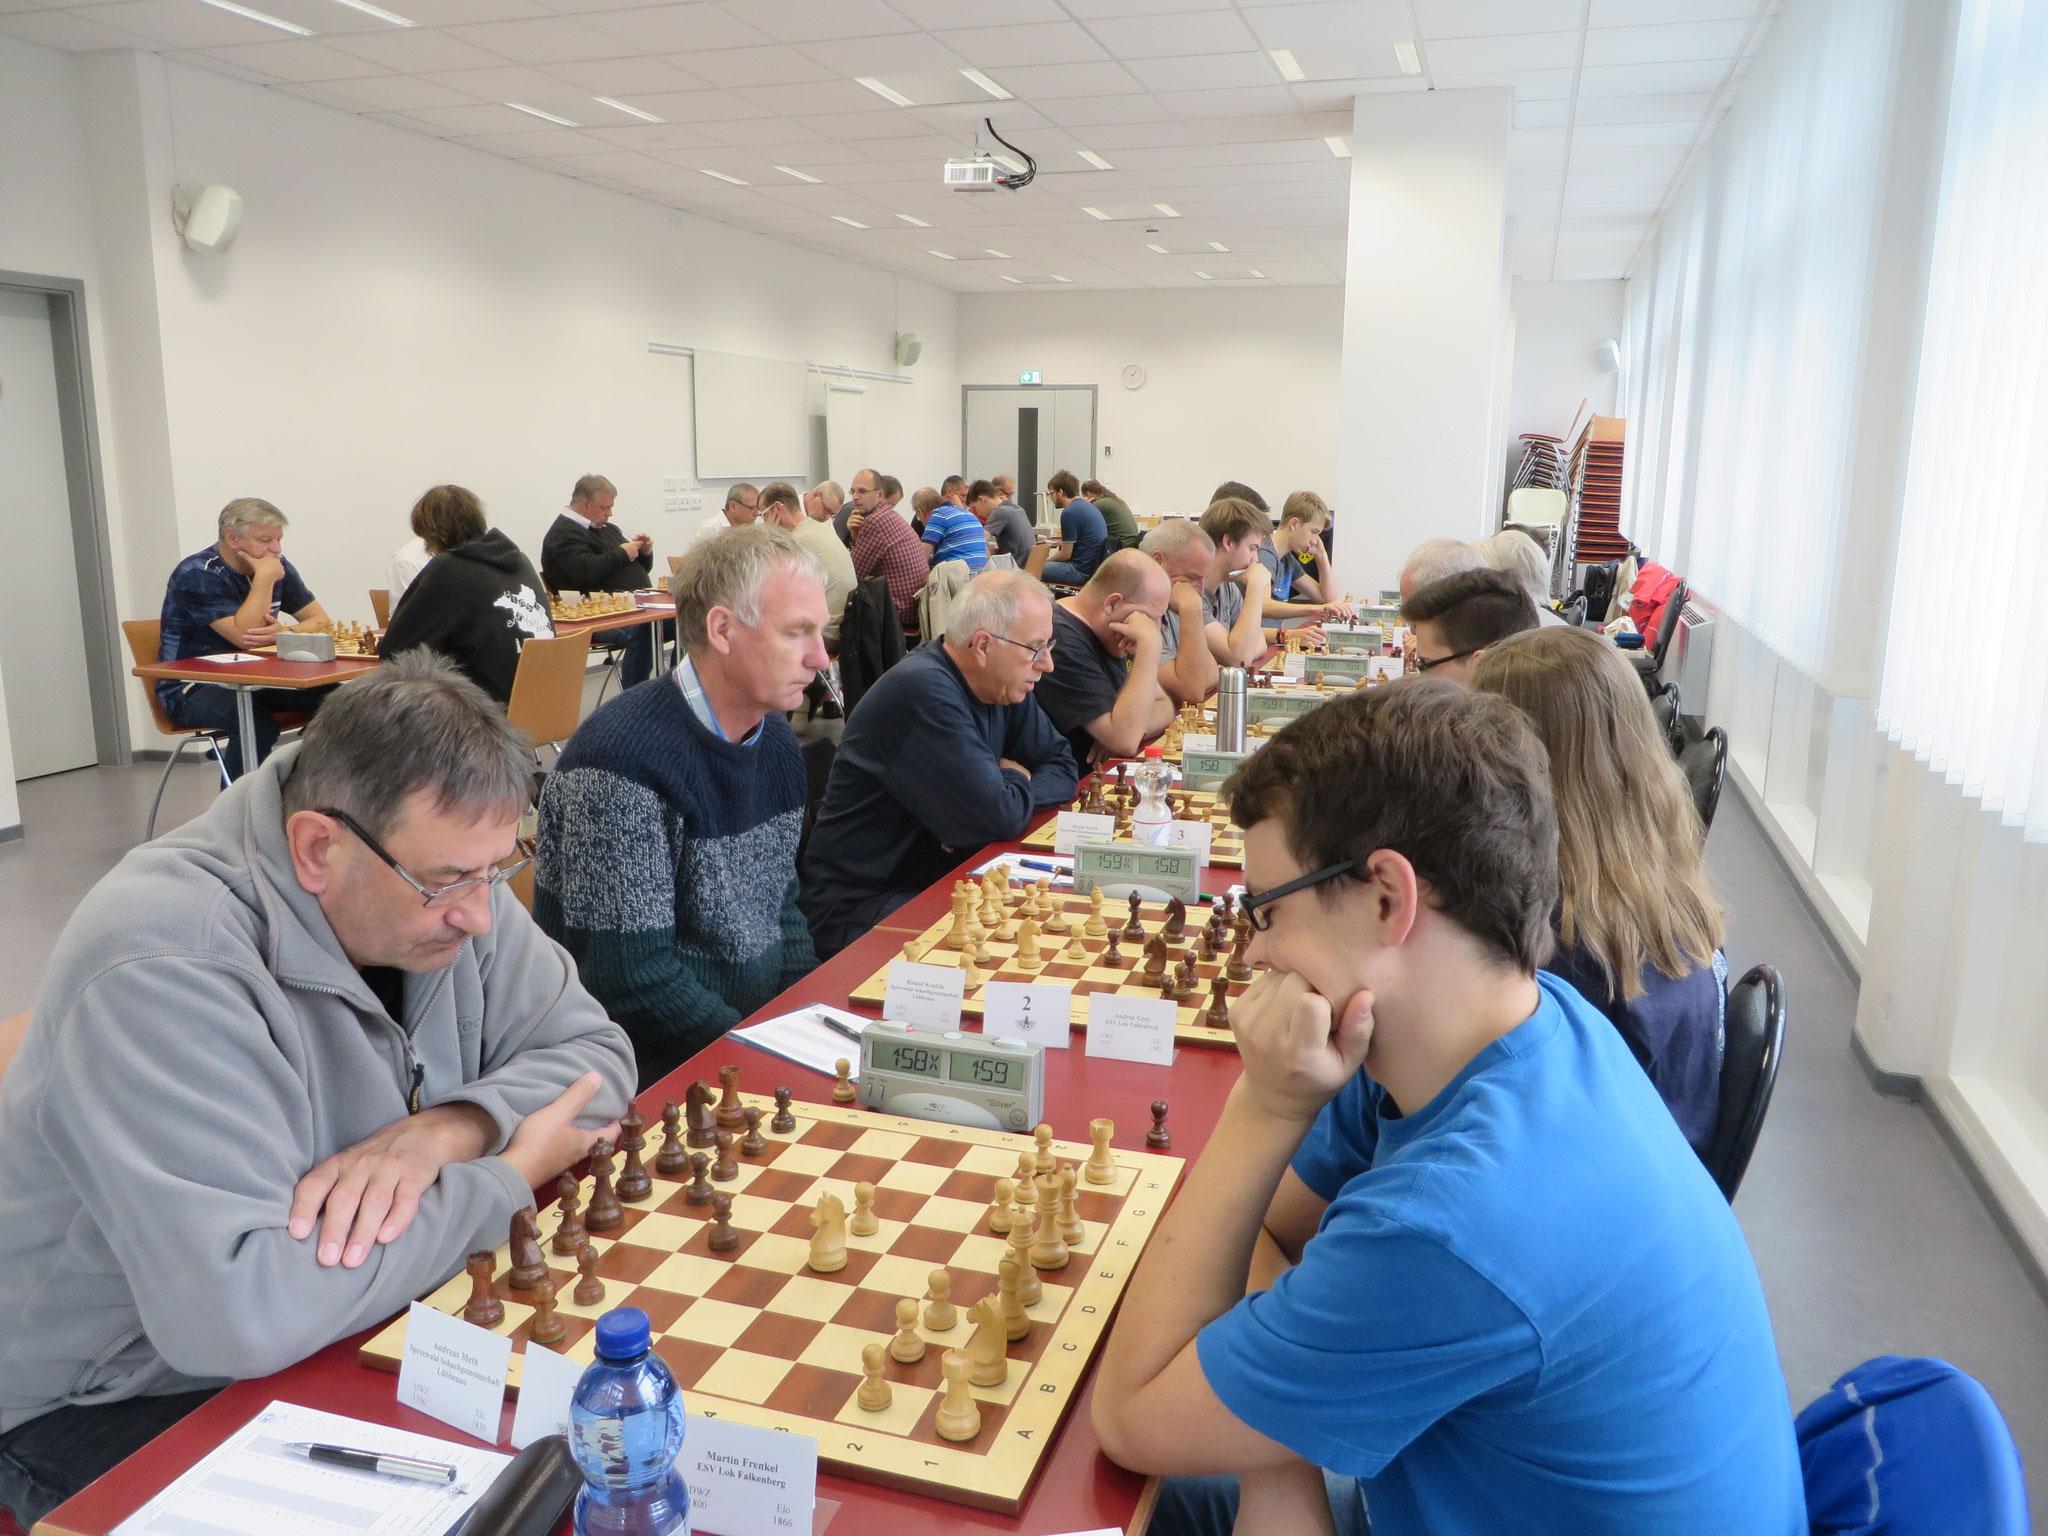 Blick in den Turniersaal (Wettkampf der 2. Mannschaft im Vordergrund rechts)